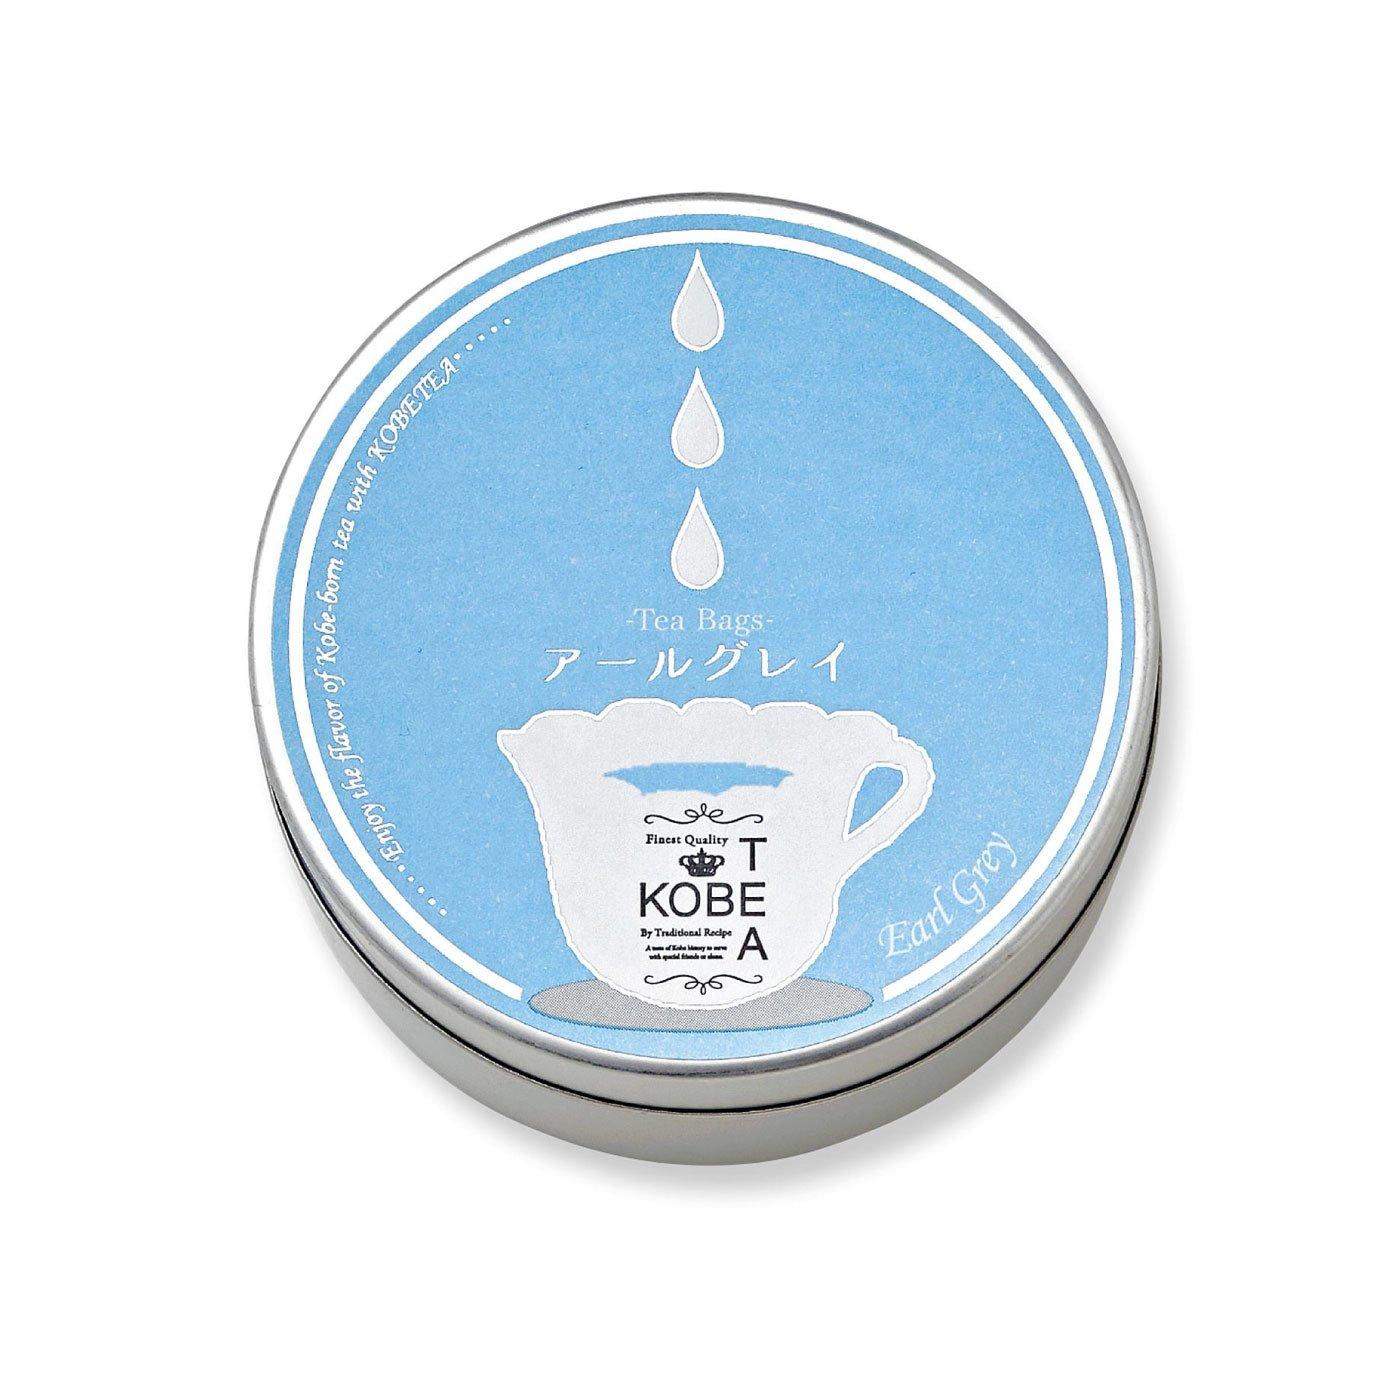 神戸紅茶 女性ティーアドバイザーおすすめ 3種のアールグレイティーの会(3回予約)